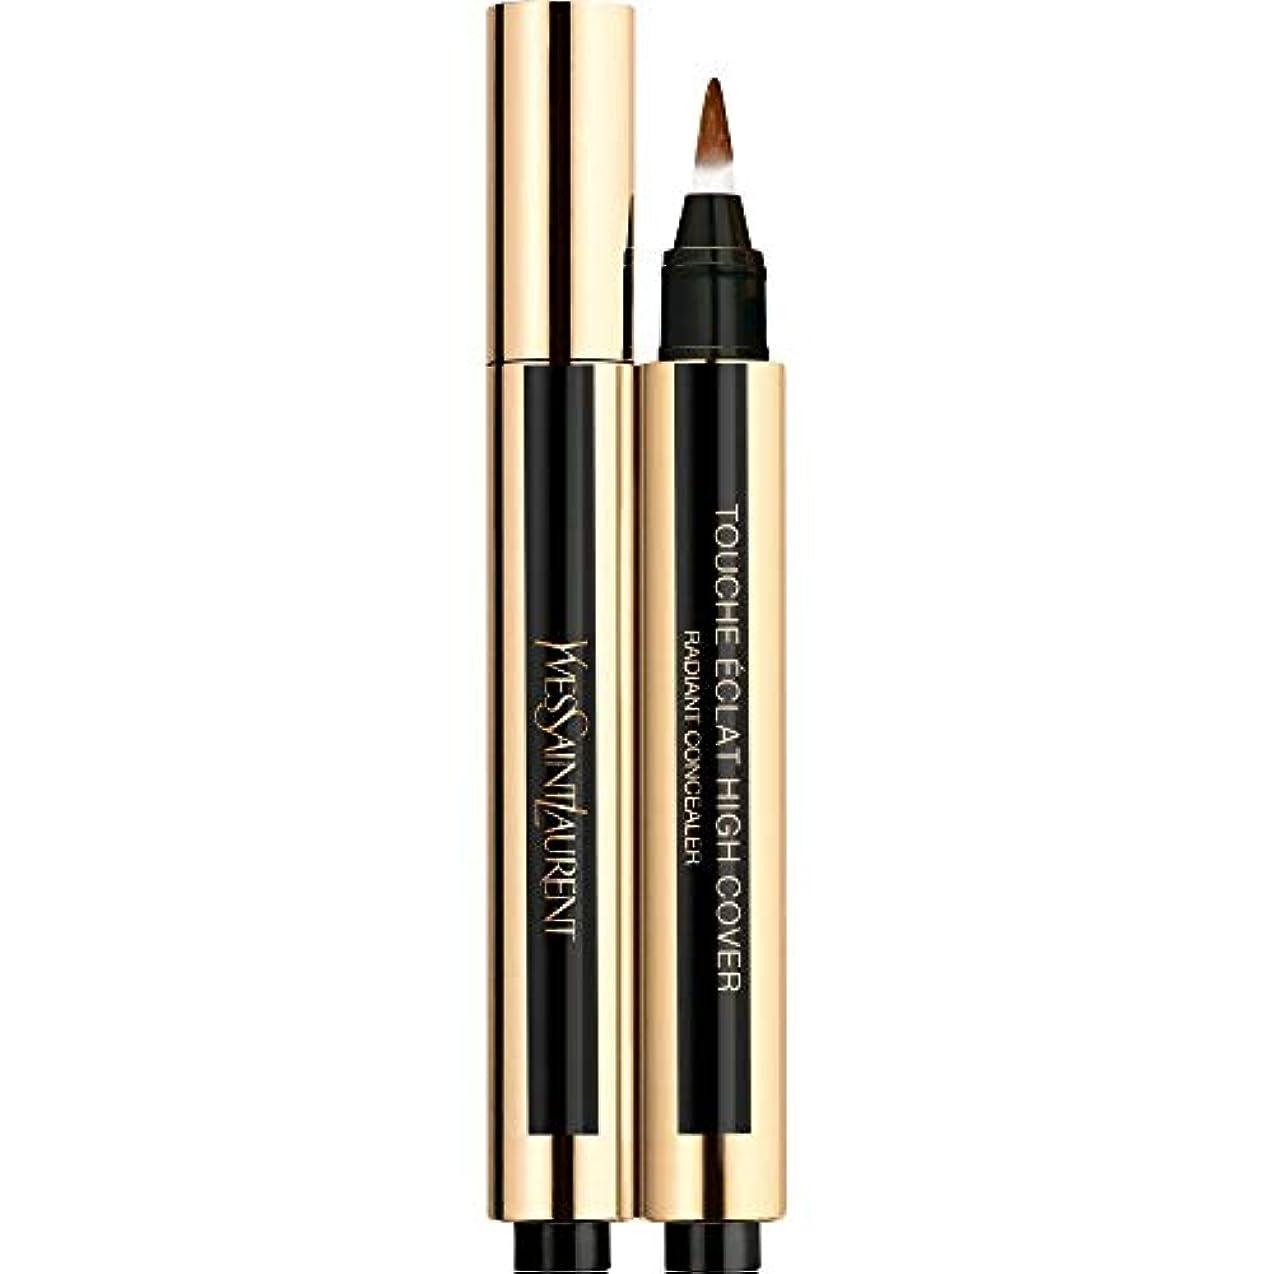 快適アリ野心的[Yves Saint Laurent] 9 2.5ミリリットルイヴ?サンローランのトウシュエクラ高いカバー放射コンシーラーペン - エスプレッソ - Yves Saint Laurent Touche Eclat High Cover Radiant Concealer Pen 2.5ml 9 - Expresso [並行輸入品]